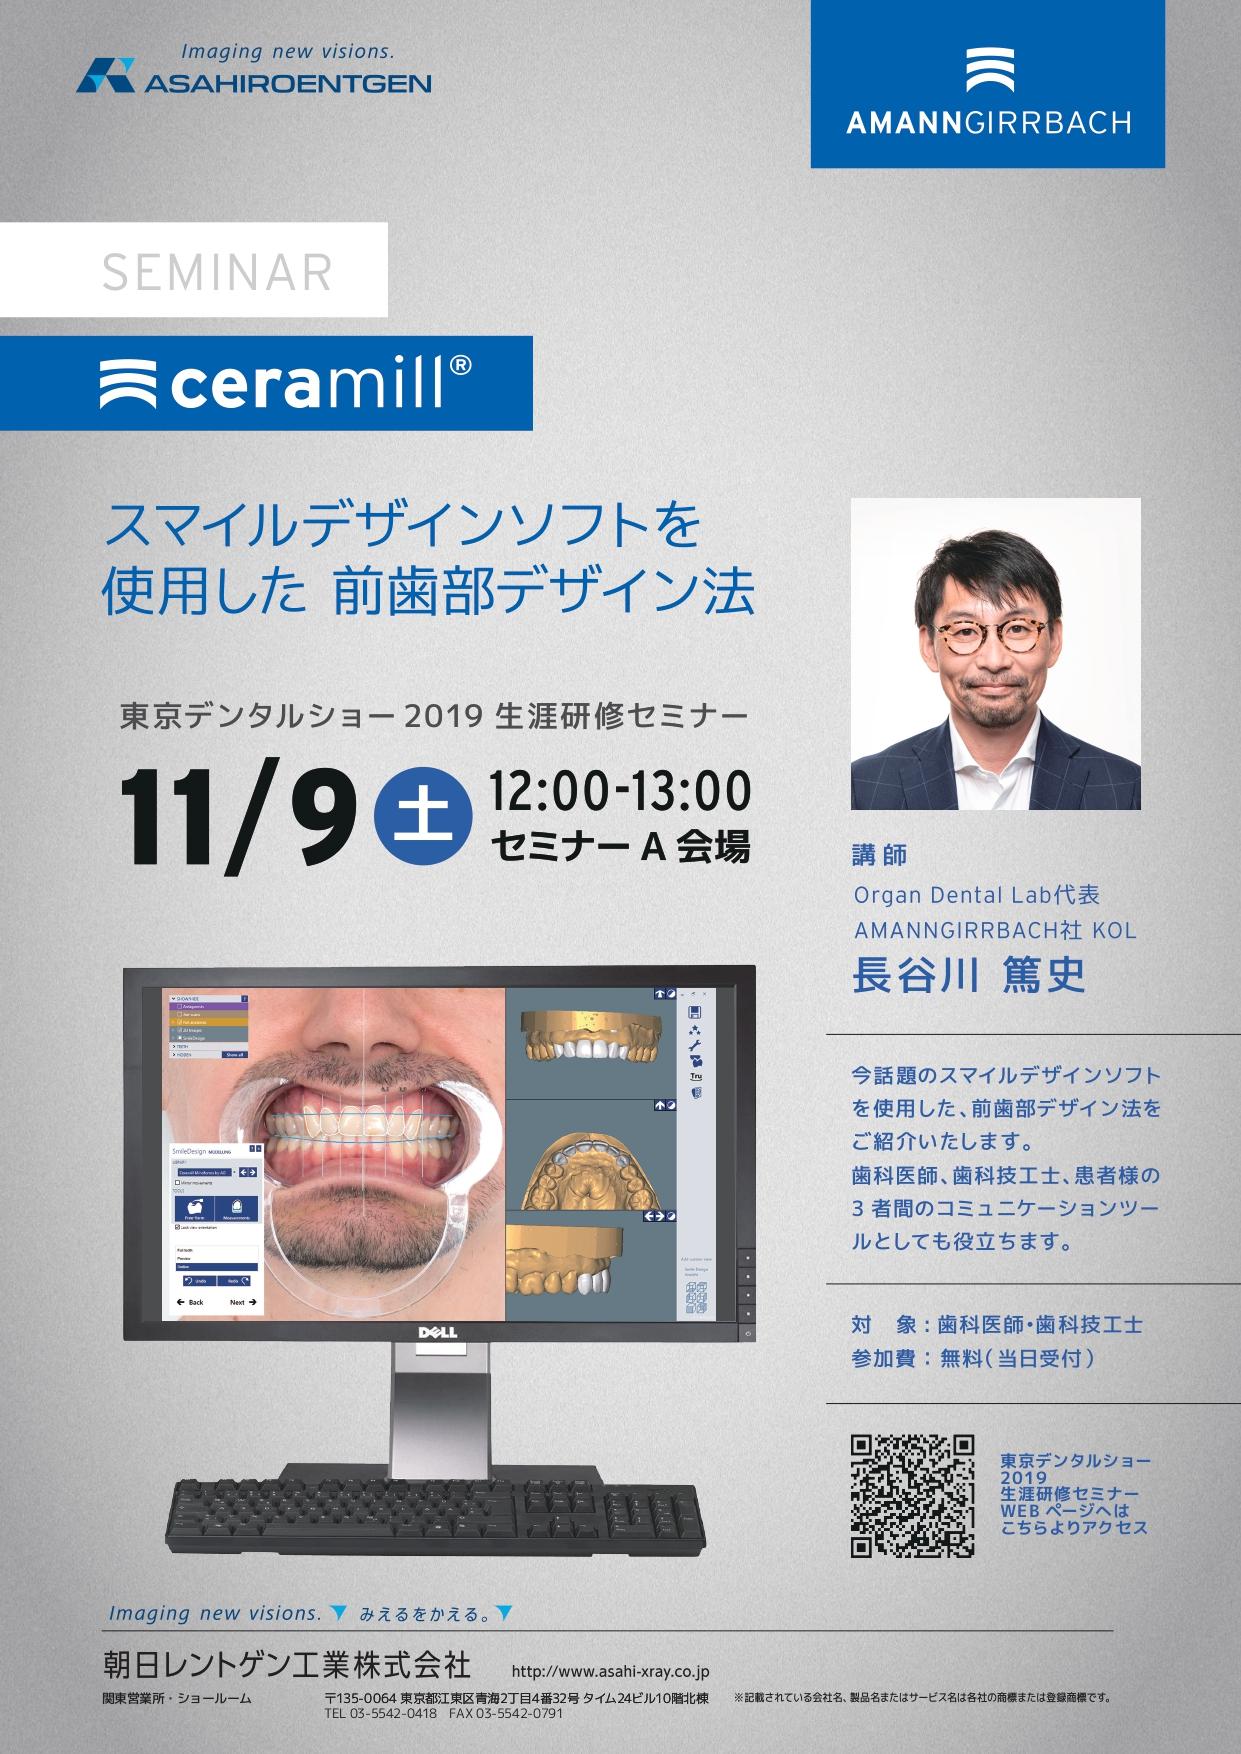 スマイルデザインソフトを使用した前歯部デザイン法(東京デンタルショー2019 生涯研修セミナー)